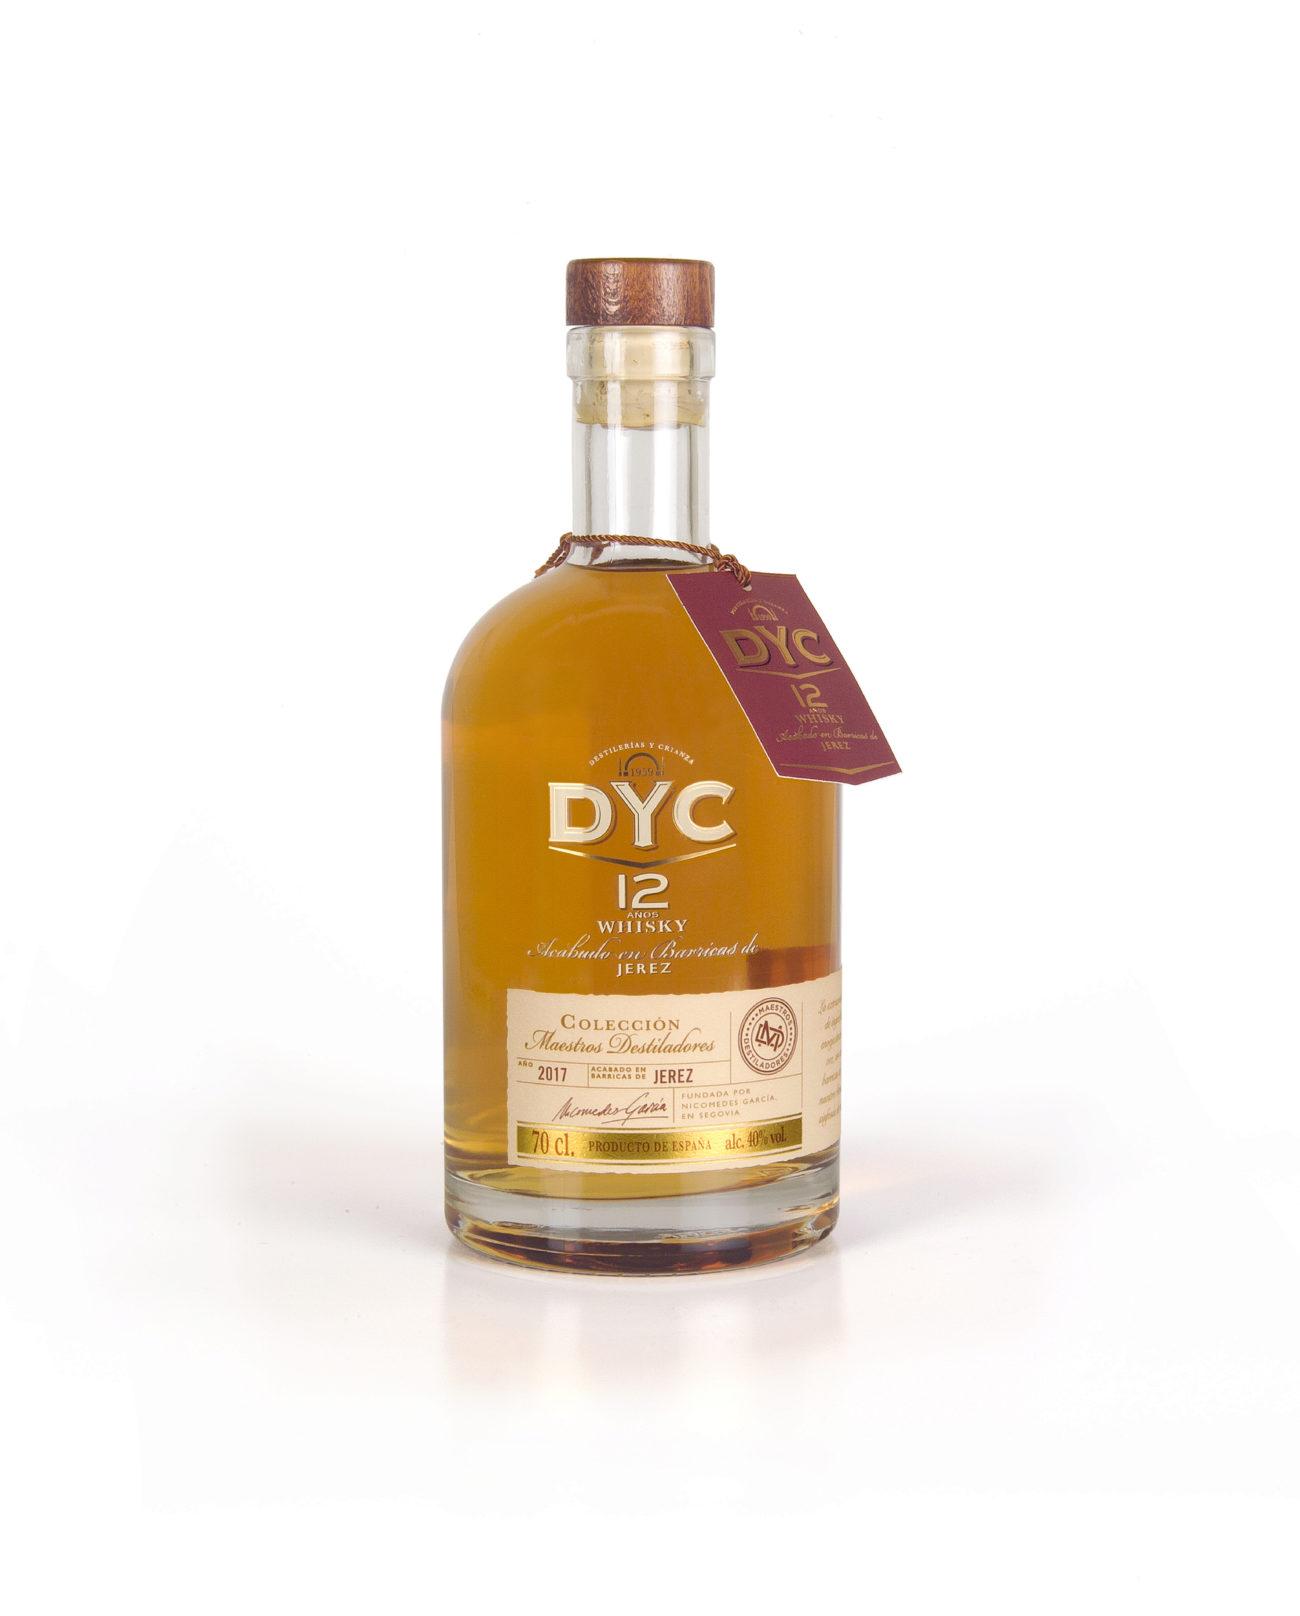 DYC acaba de presentar su edición especial DYC 12 Colección Maestros...